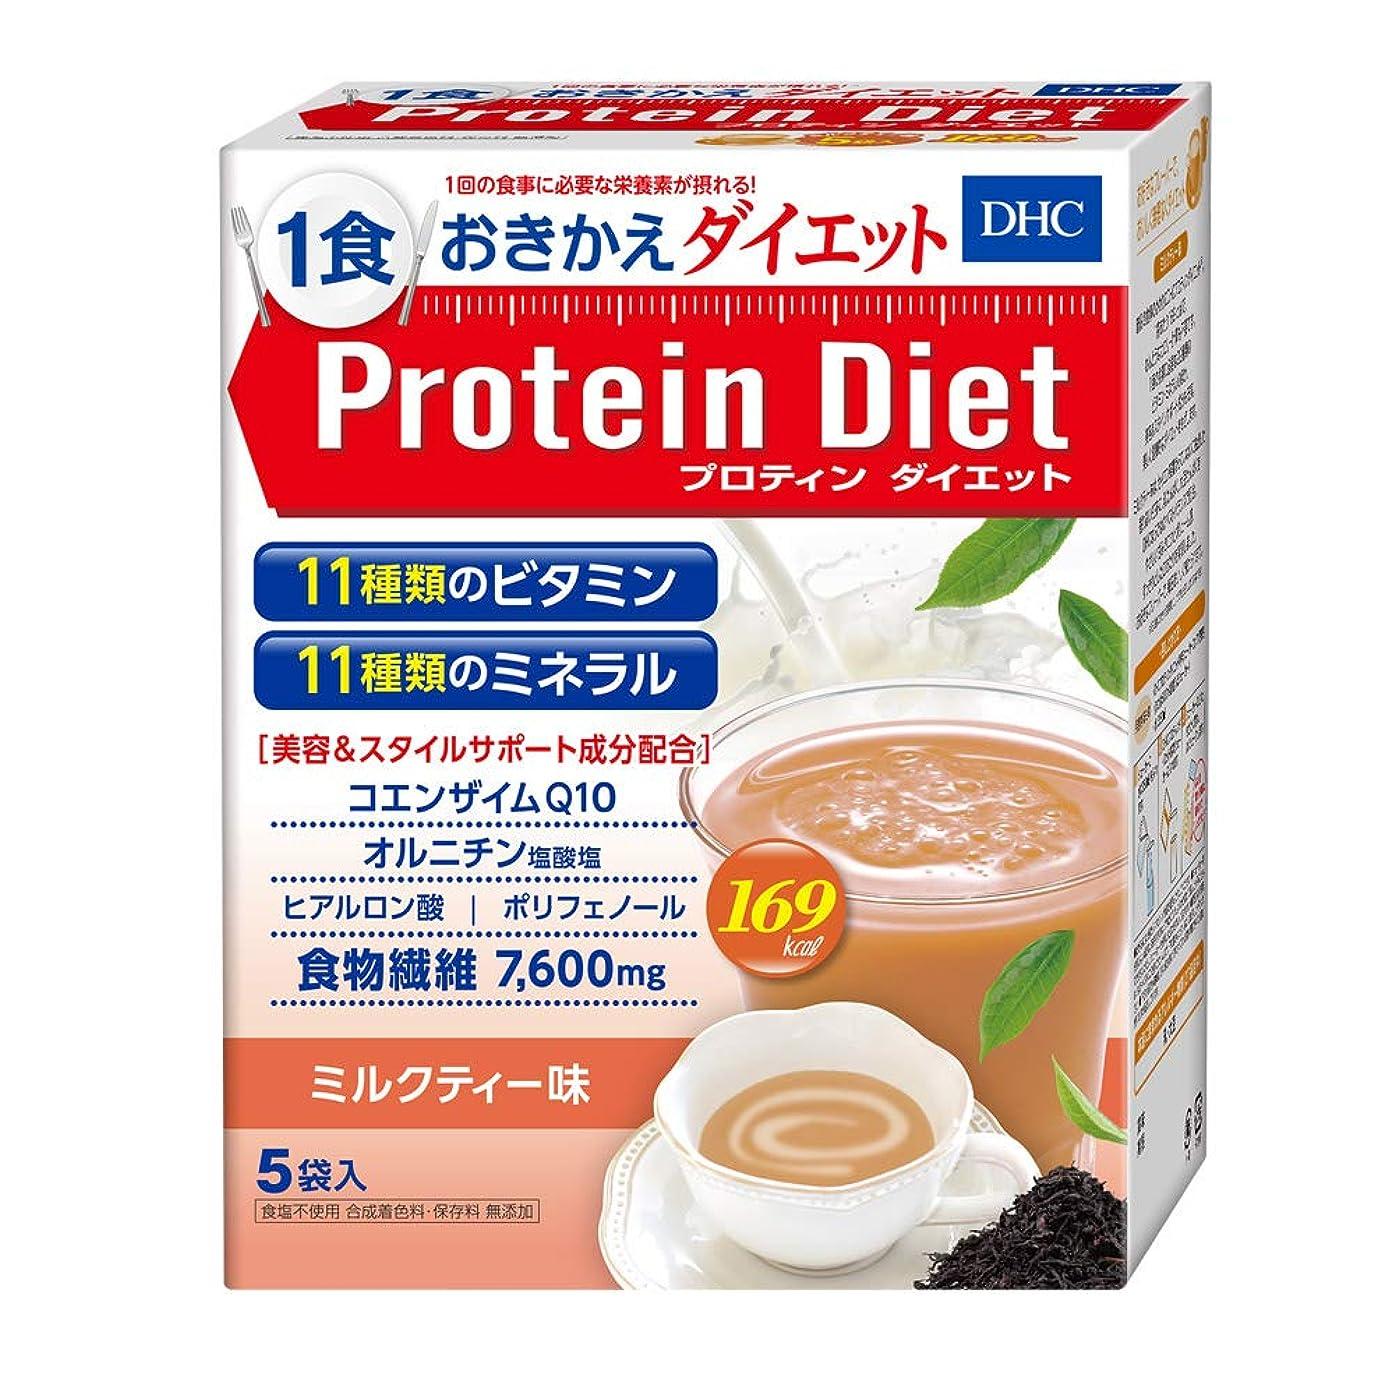 成長チップ発動機DHCプロティンダイエット(ミルクティー味)